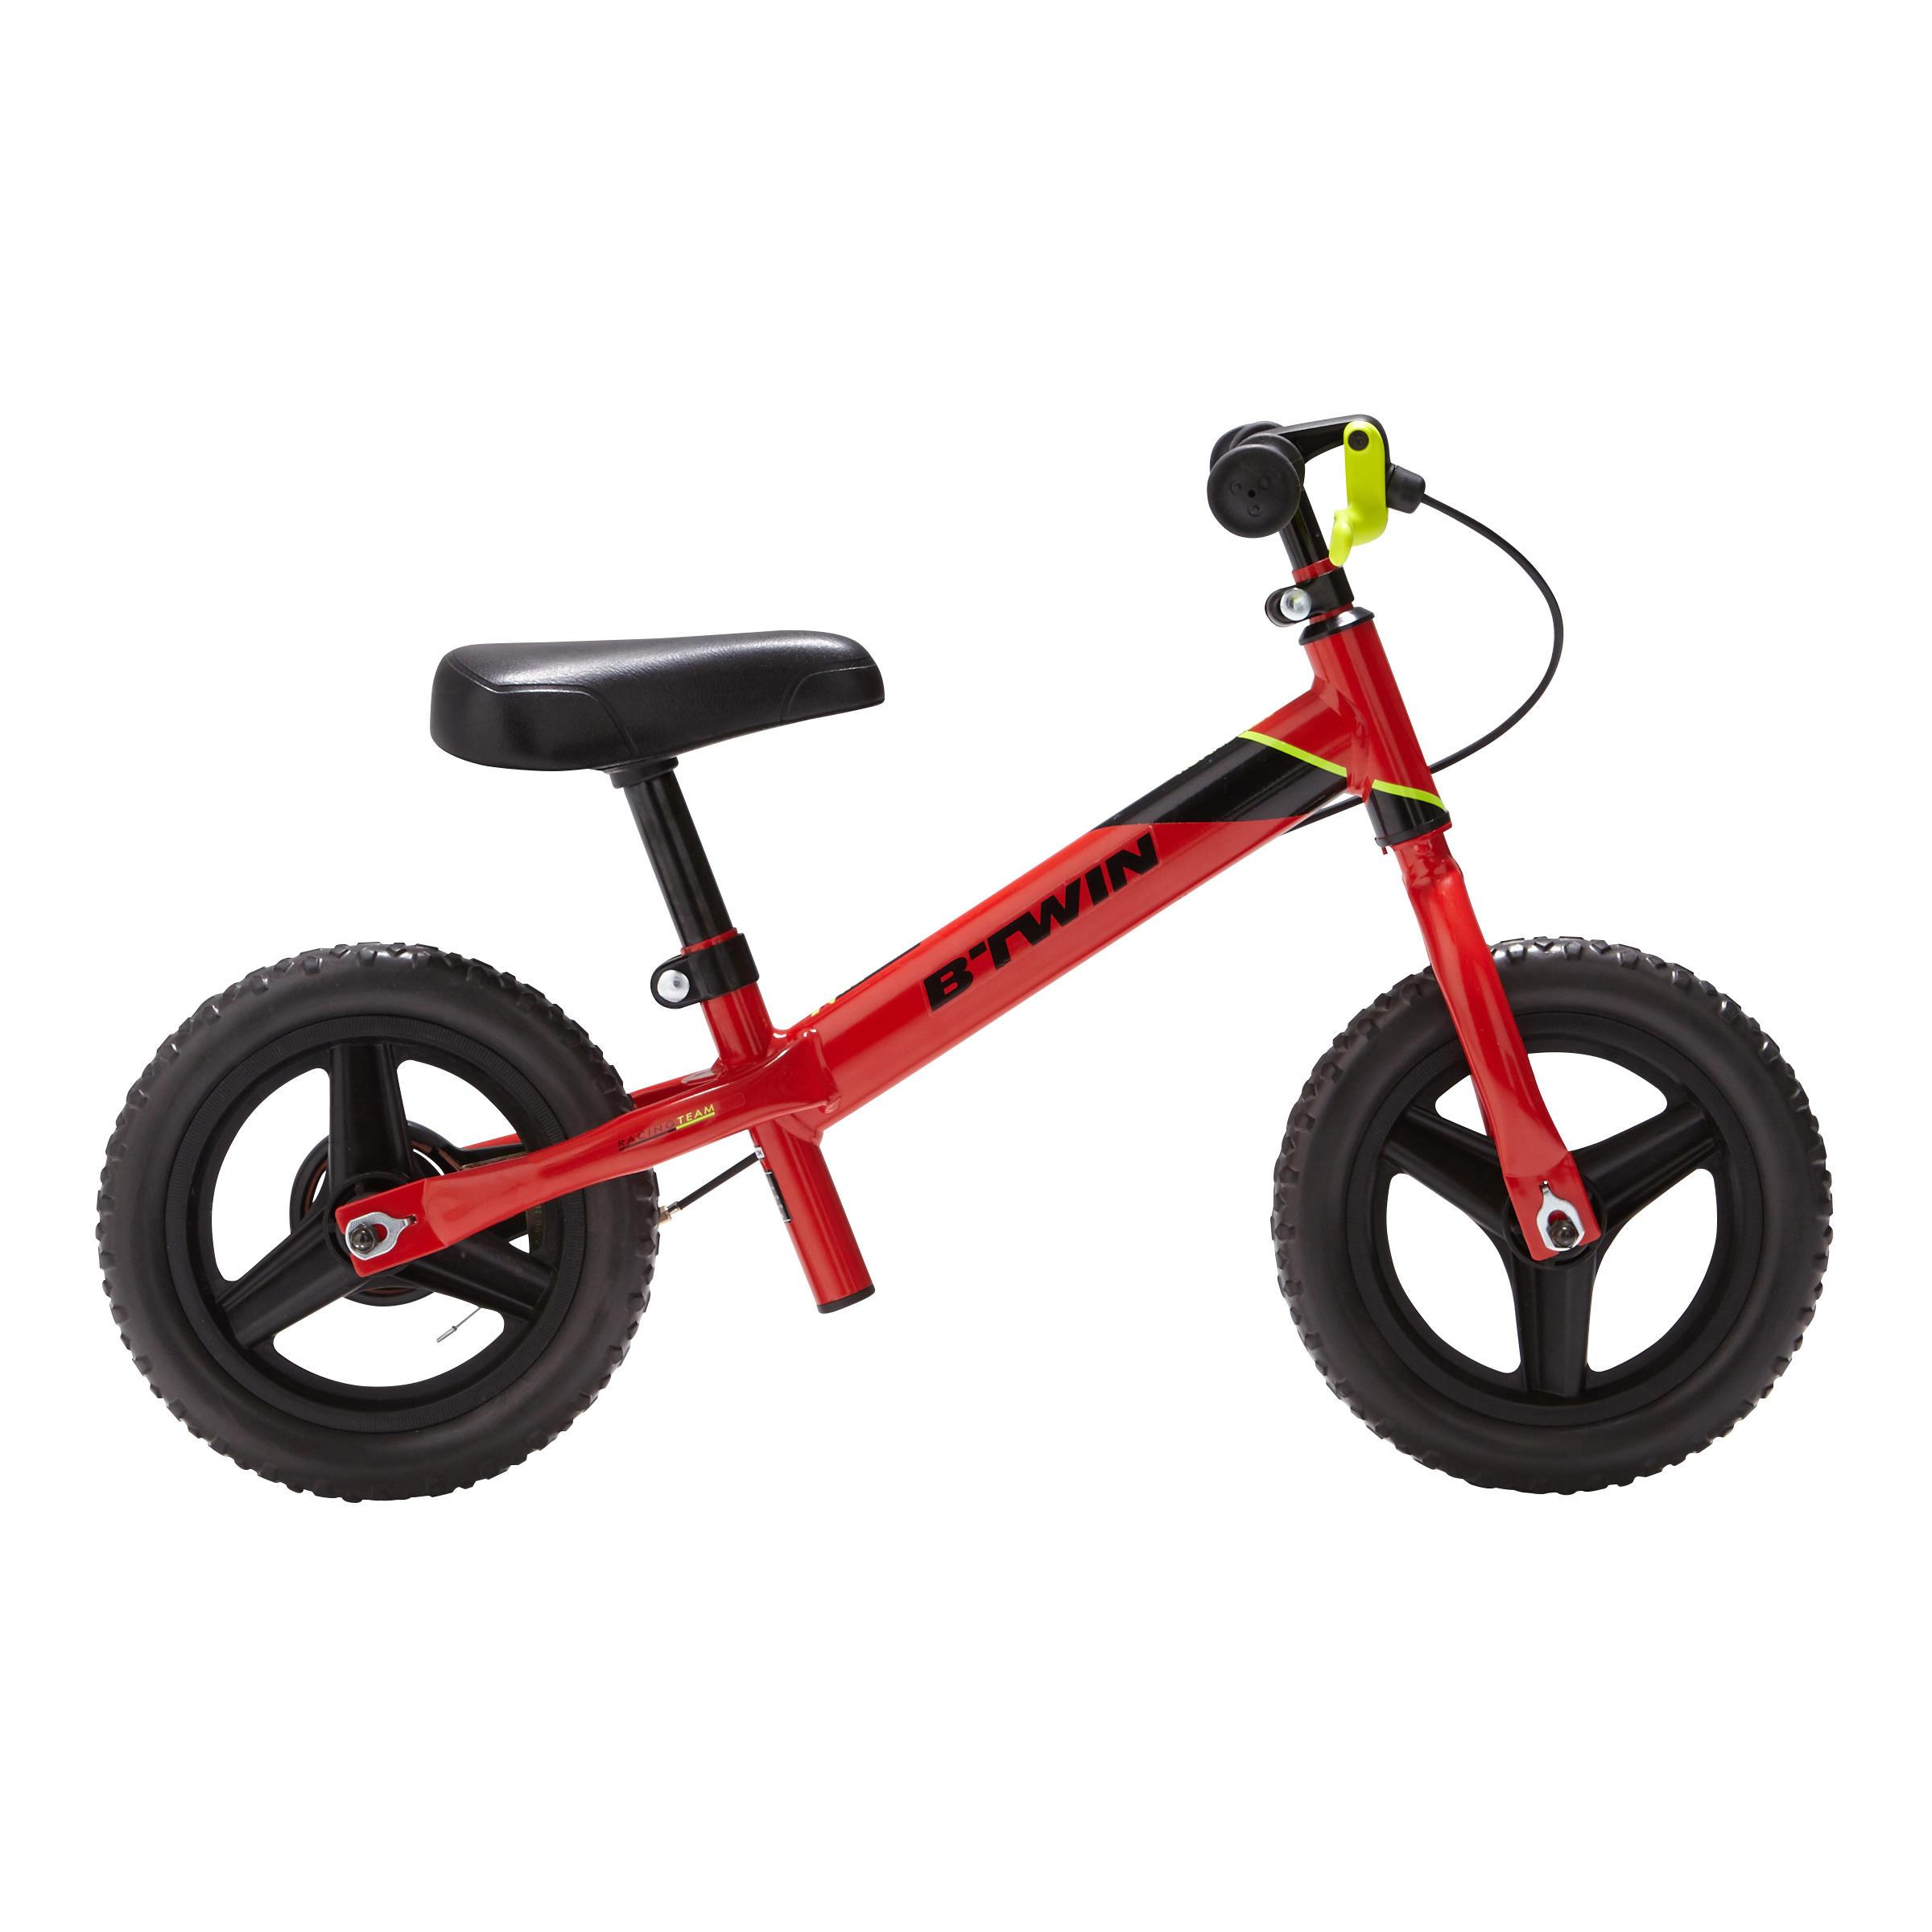 Bicicleta de 10 pulgadas sin pedales para niños RunRide 520 rojo BTT